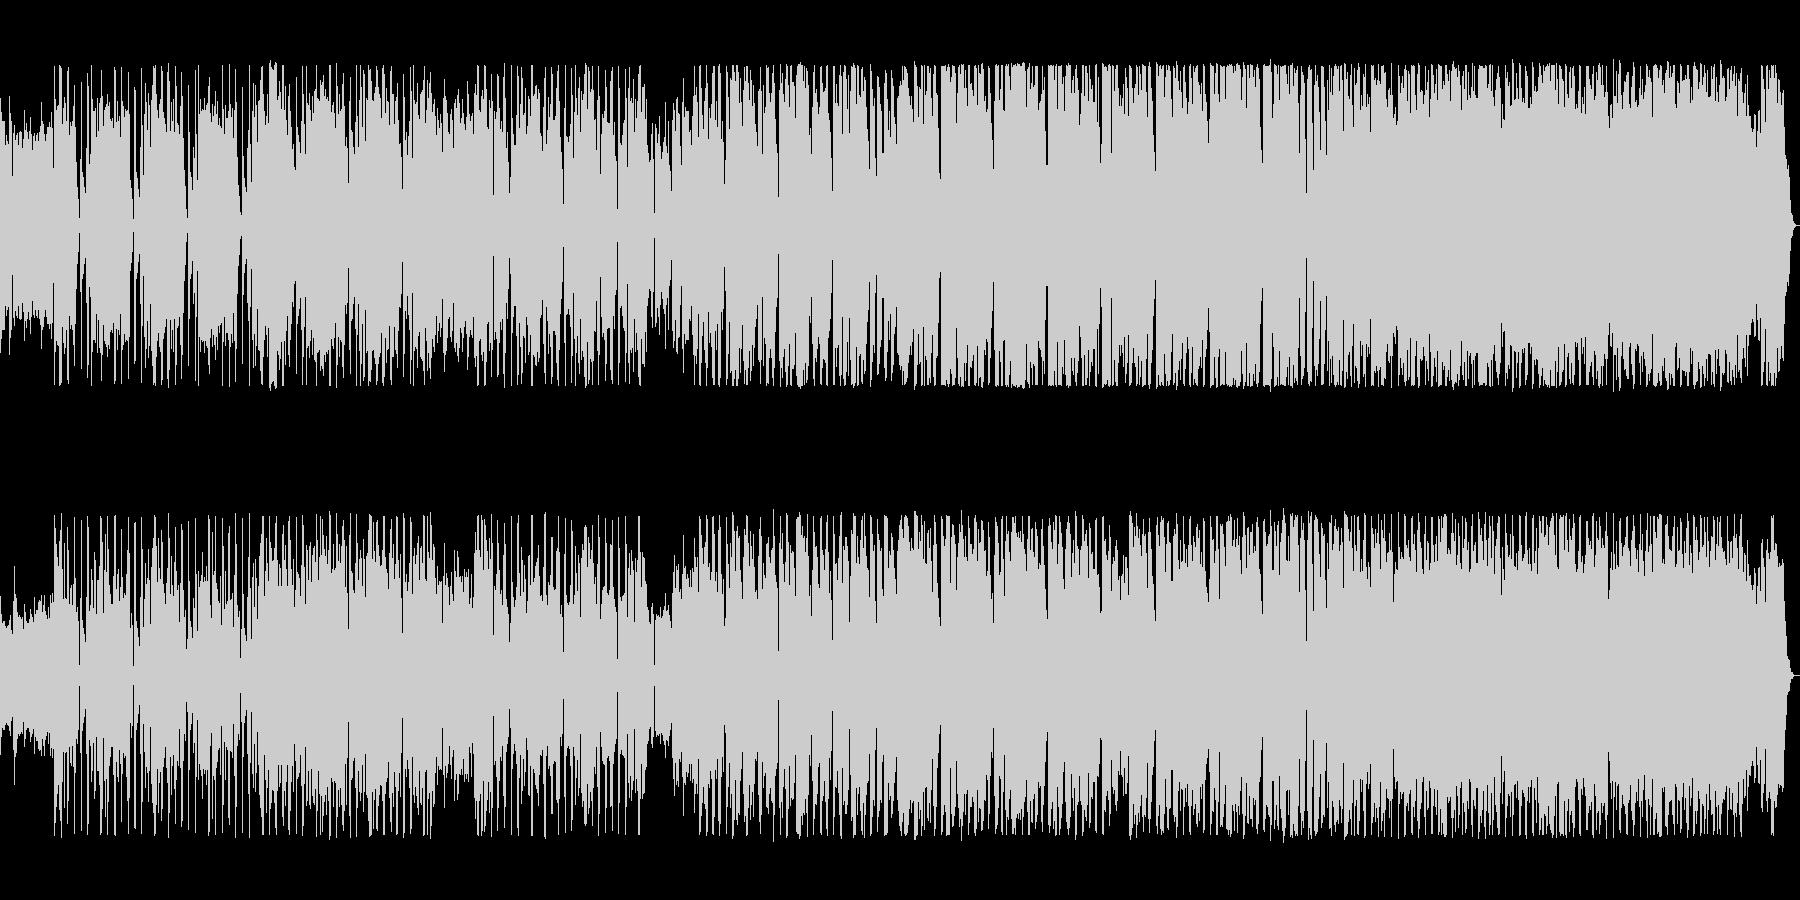 ワイルドな不規則なリズムが攻めてくる曲の未再生の波形